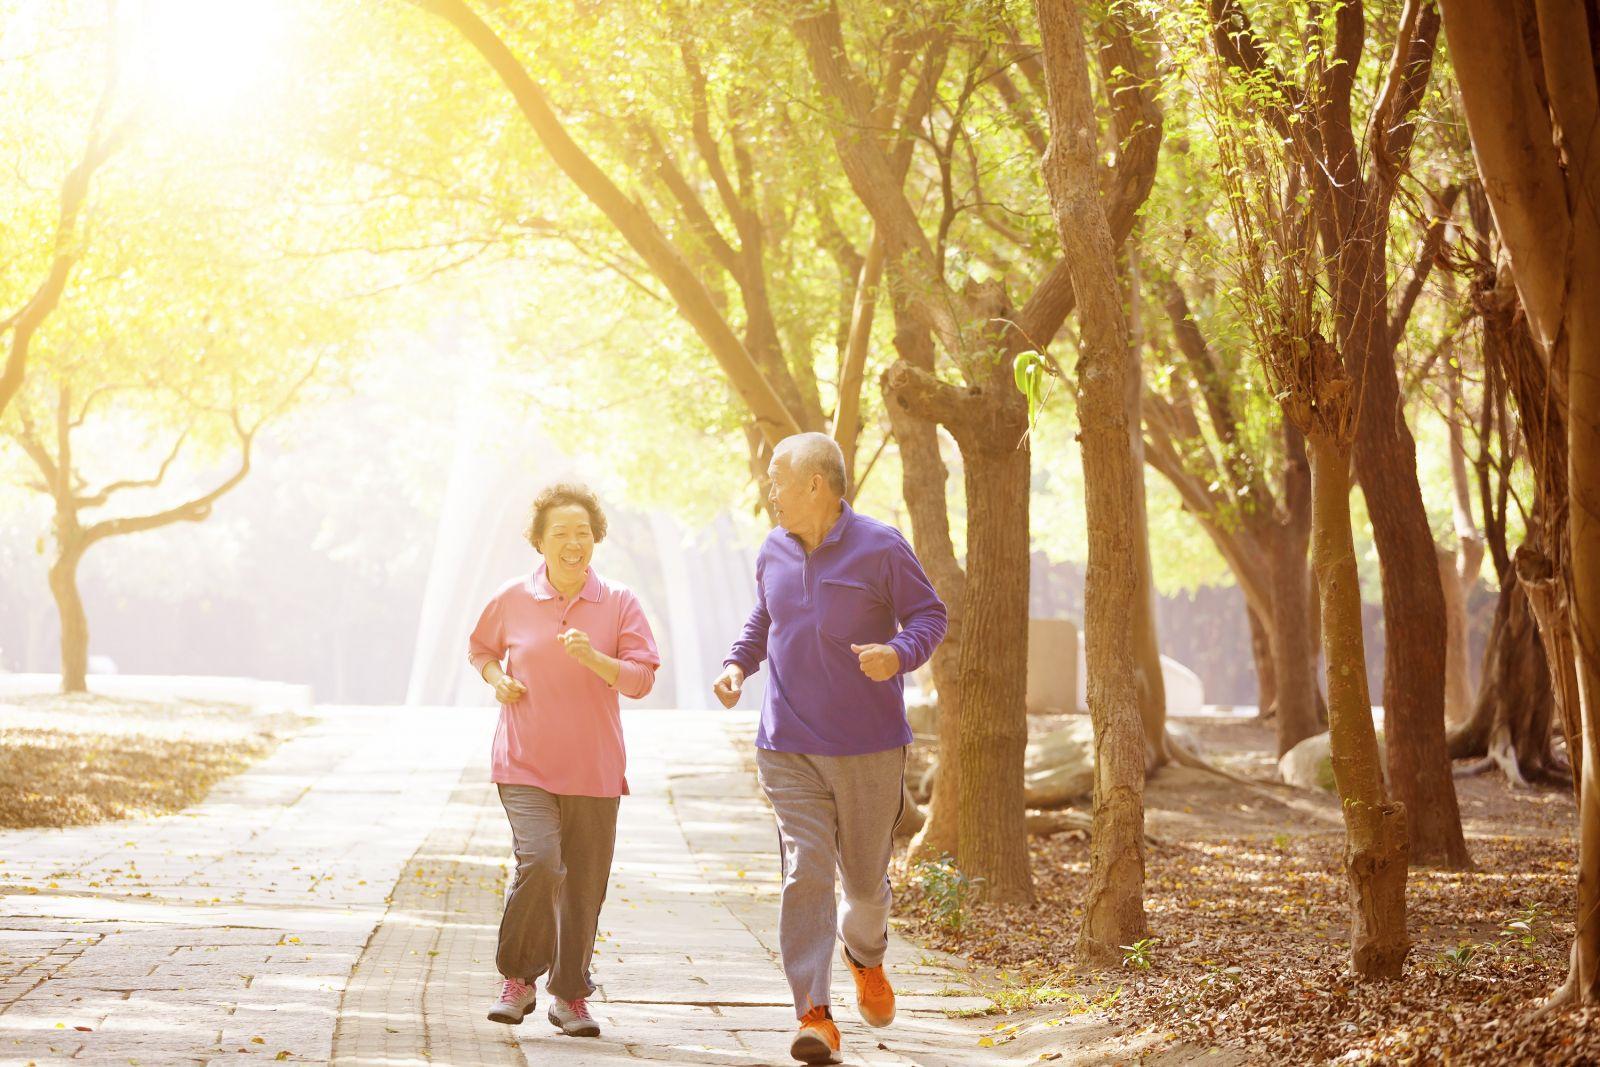 Nguyên nhân khiến người cao tuổi dễ mắc gan nhiễm mỡ - ảnh 4